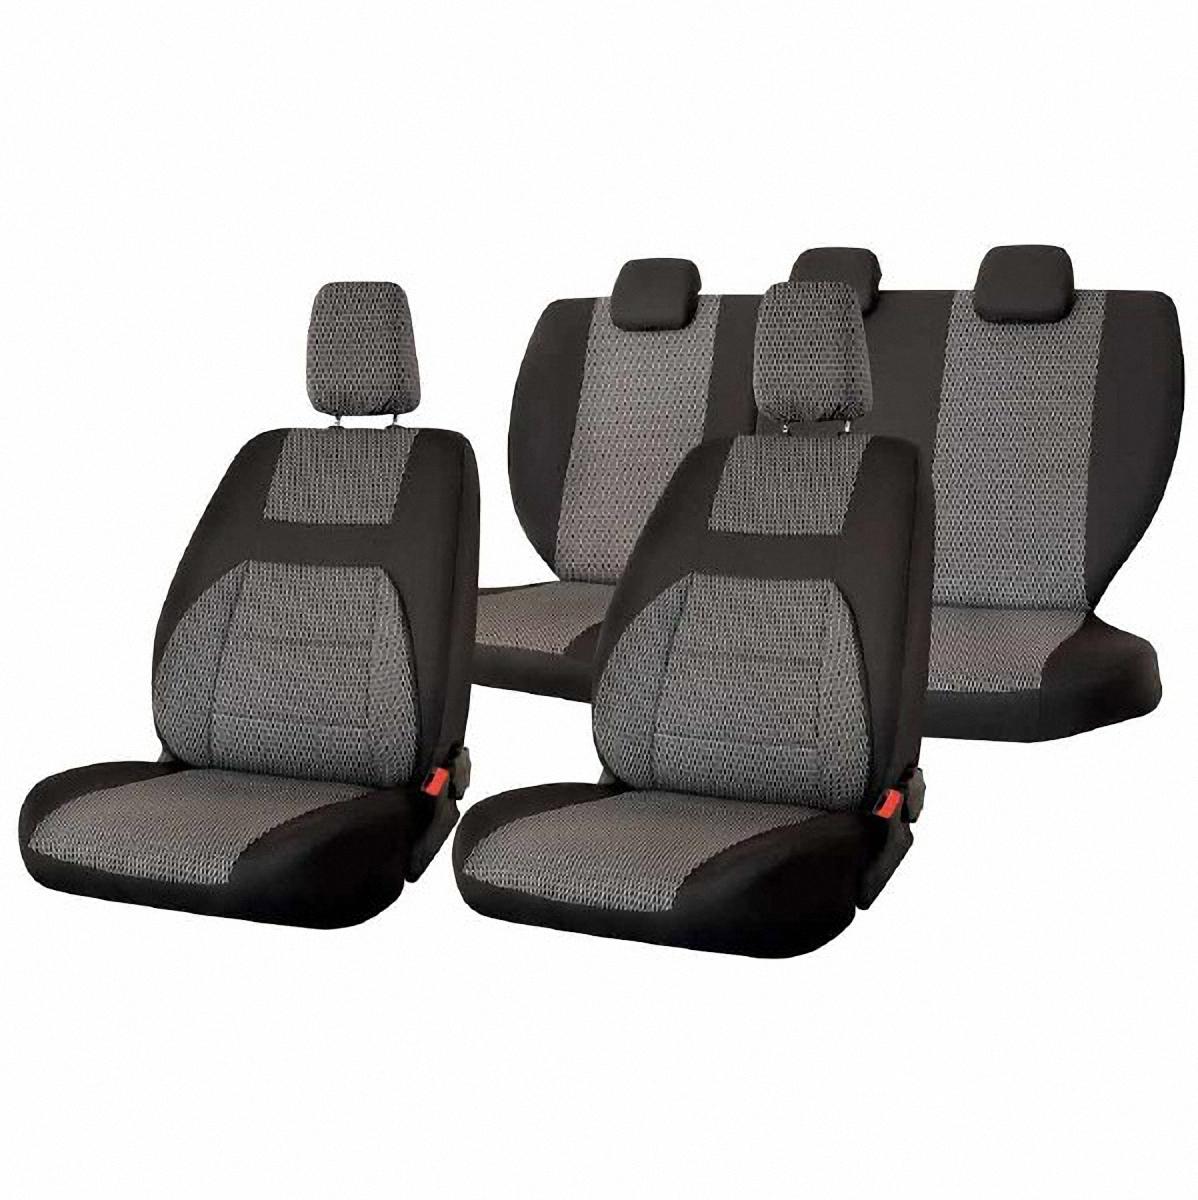 Чехлы автомобильные Skyway, для Lada Granta, цвет: темно-серыйВетерок 2ГФАвтомобильные чехлы Skyway изготовлены из качественного жаккарда. Чехлы идеально повторяют штатную форму сидений и выглядят как оригинальная обивка сидений. Разработаны индивидуально для каждой модели автомобиля. Авточехлы Skyway просты в уходе - загрязнения легко удаляются влажной тканью. Чехлы имеют раздельную схему надевания. Заднее сиденье - сплошное.В комплекте 11 предметов.